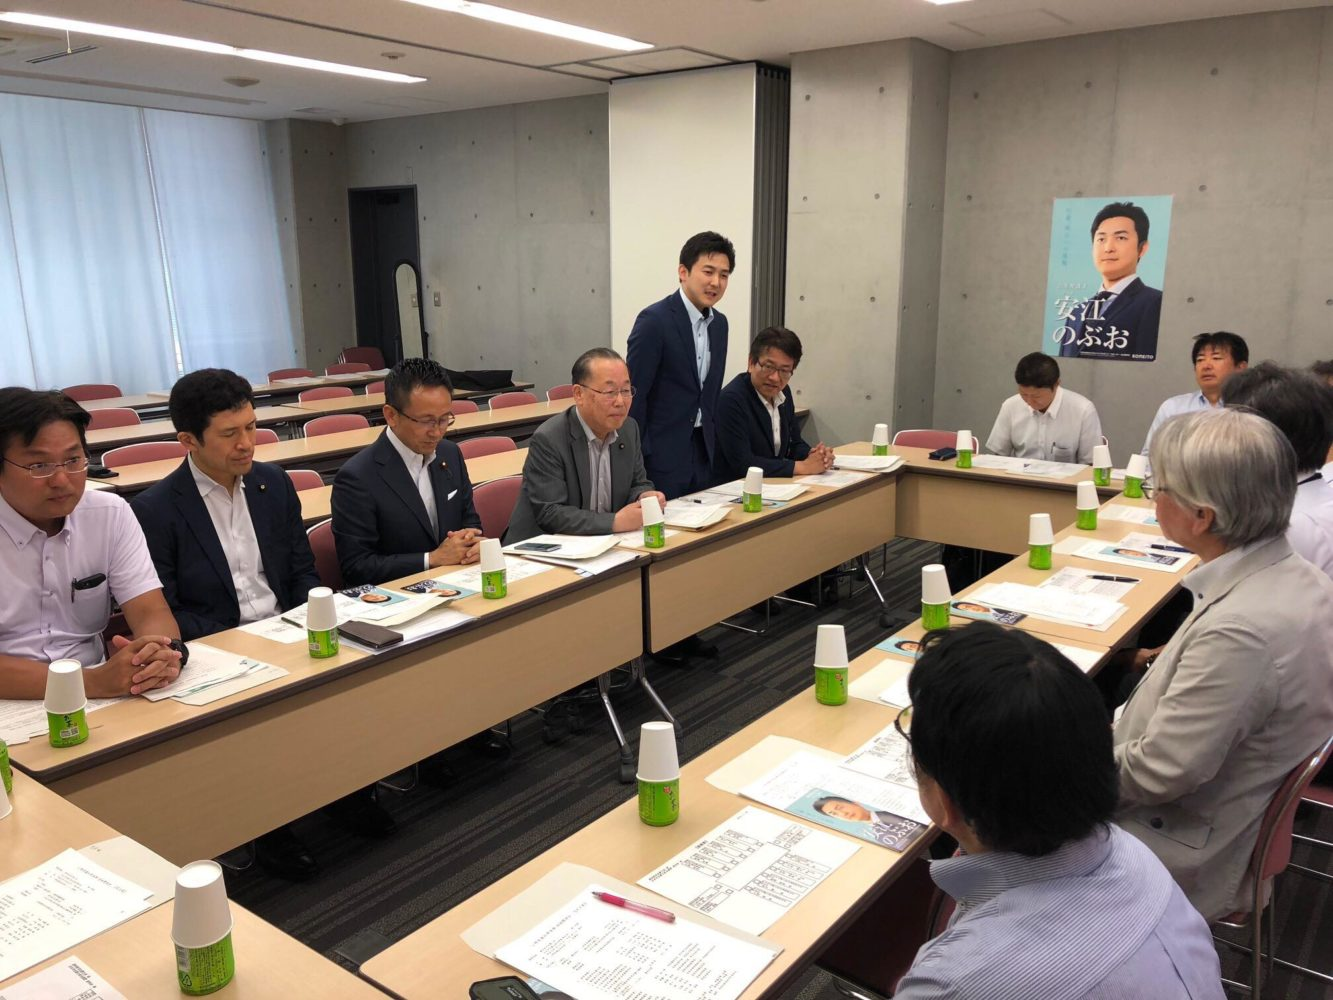 公明党愛知県本部で行われている各種団体との懇談会